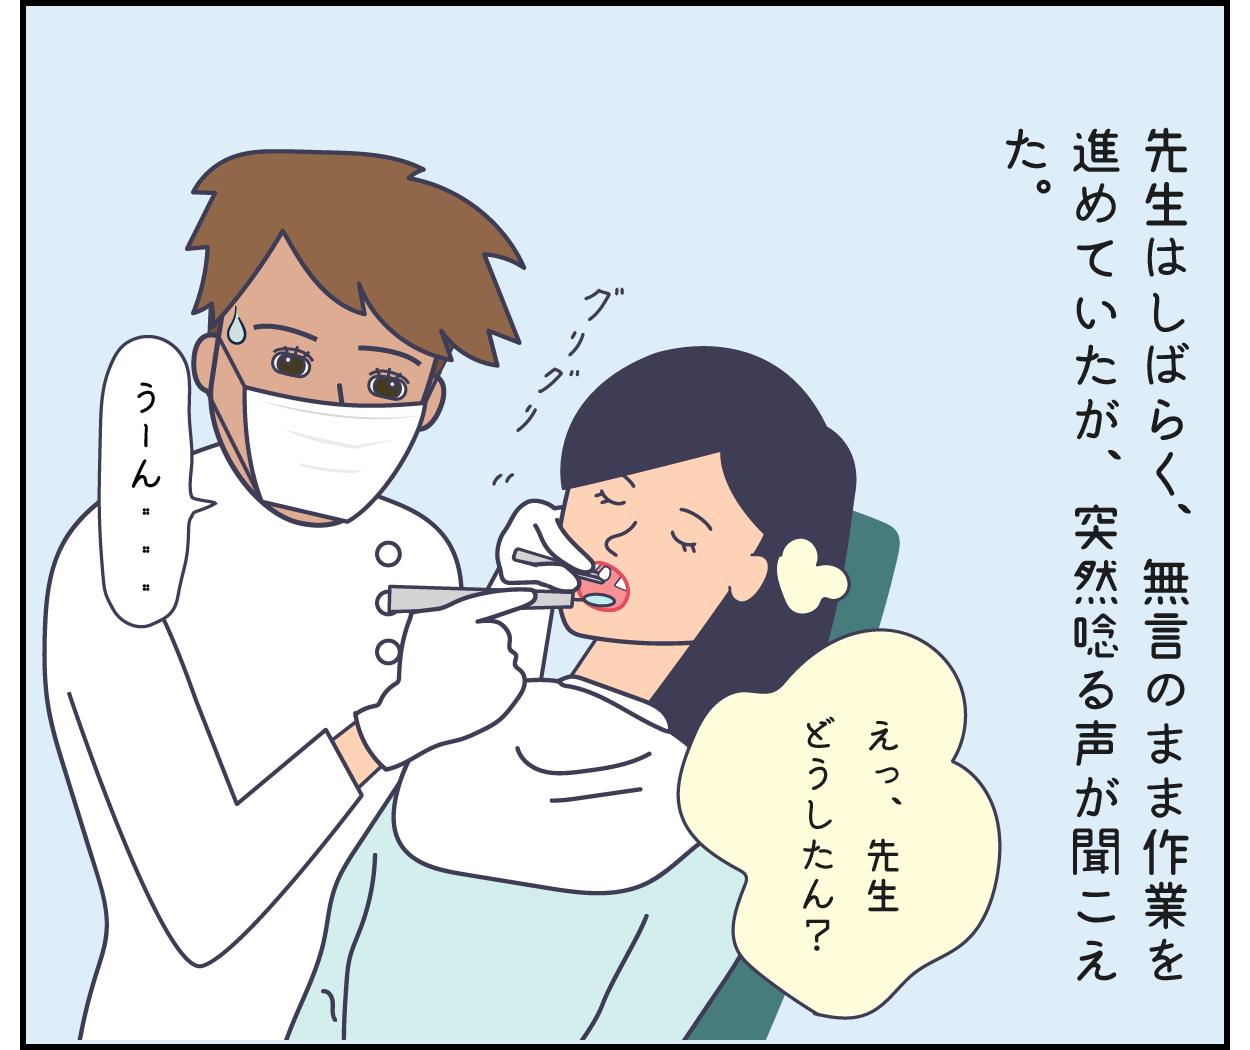 歯医者 歯科医 治療